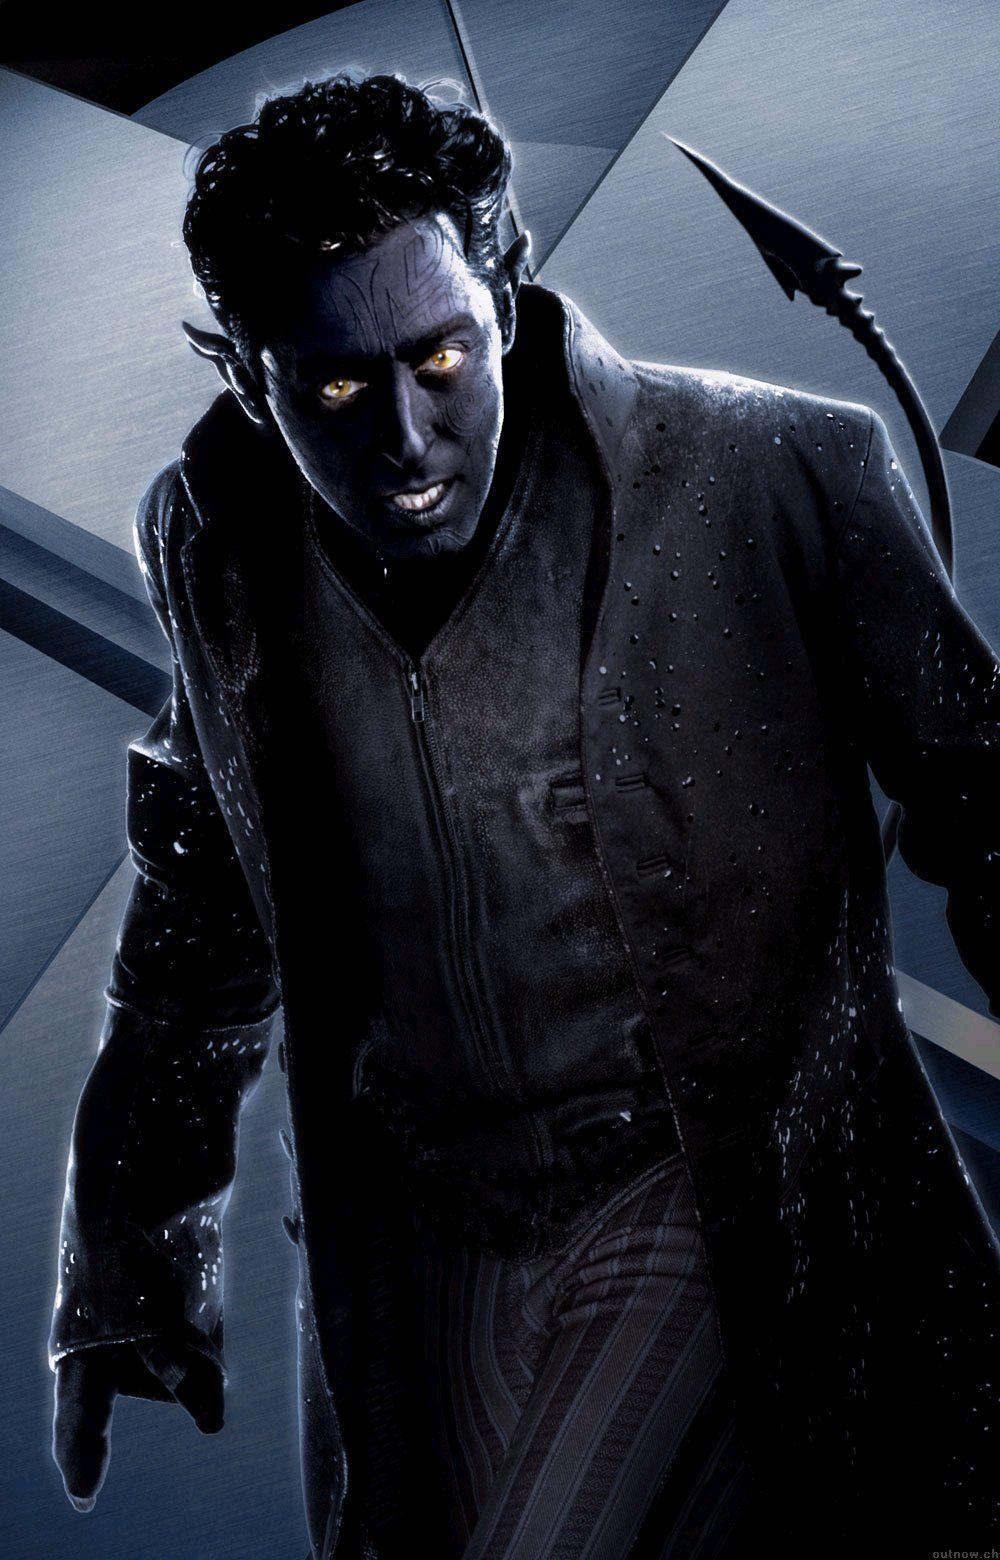 Nightcrawler X Men Movies Wiki Nightcrawler X Men Xmen